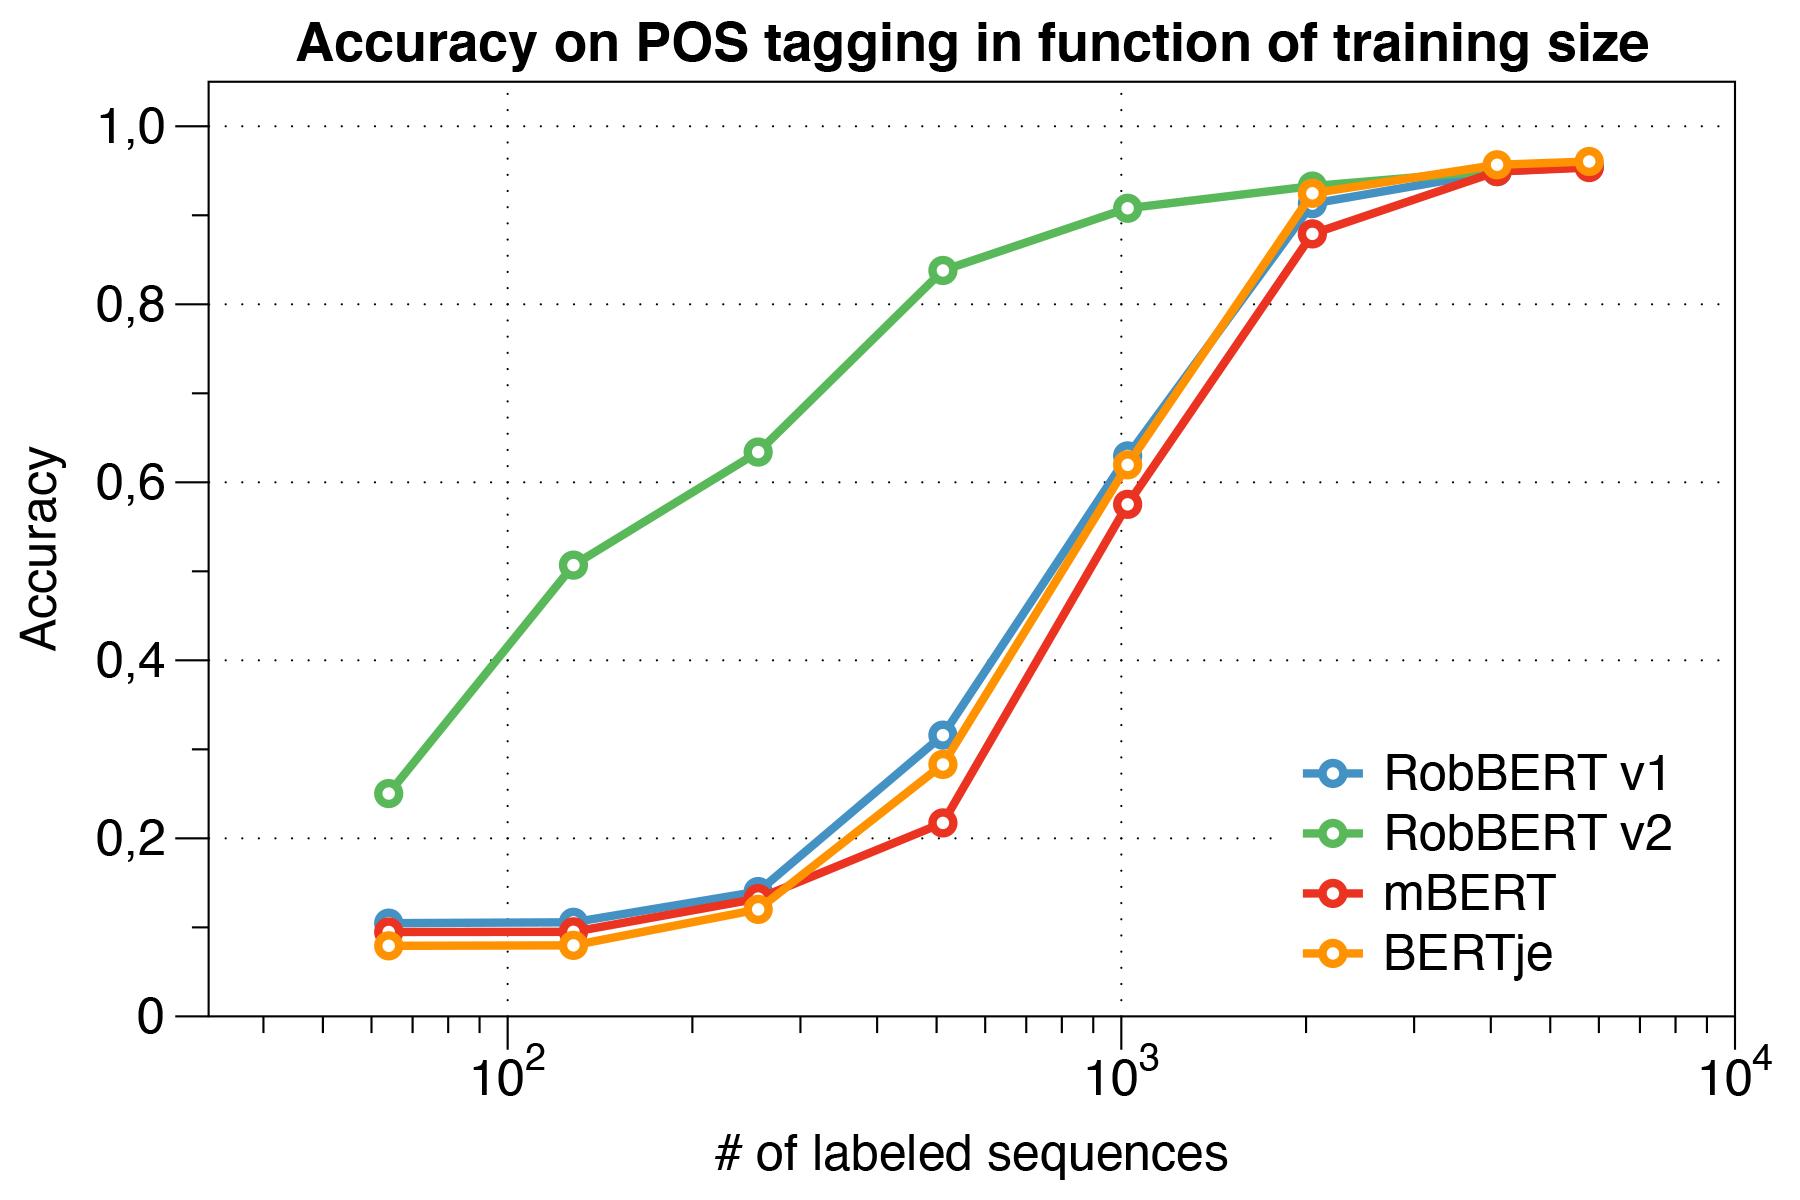 RobBERT's performance on smaller datasets